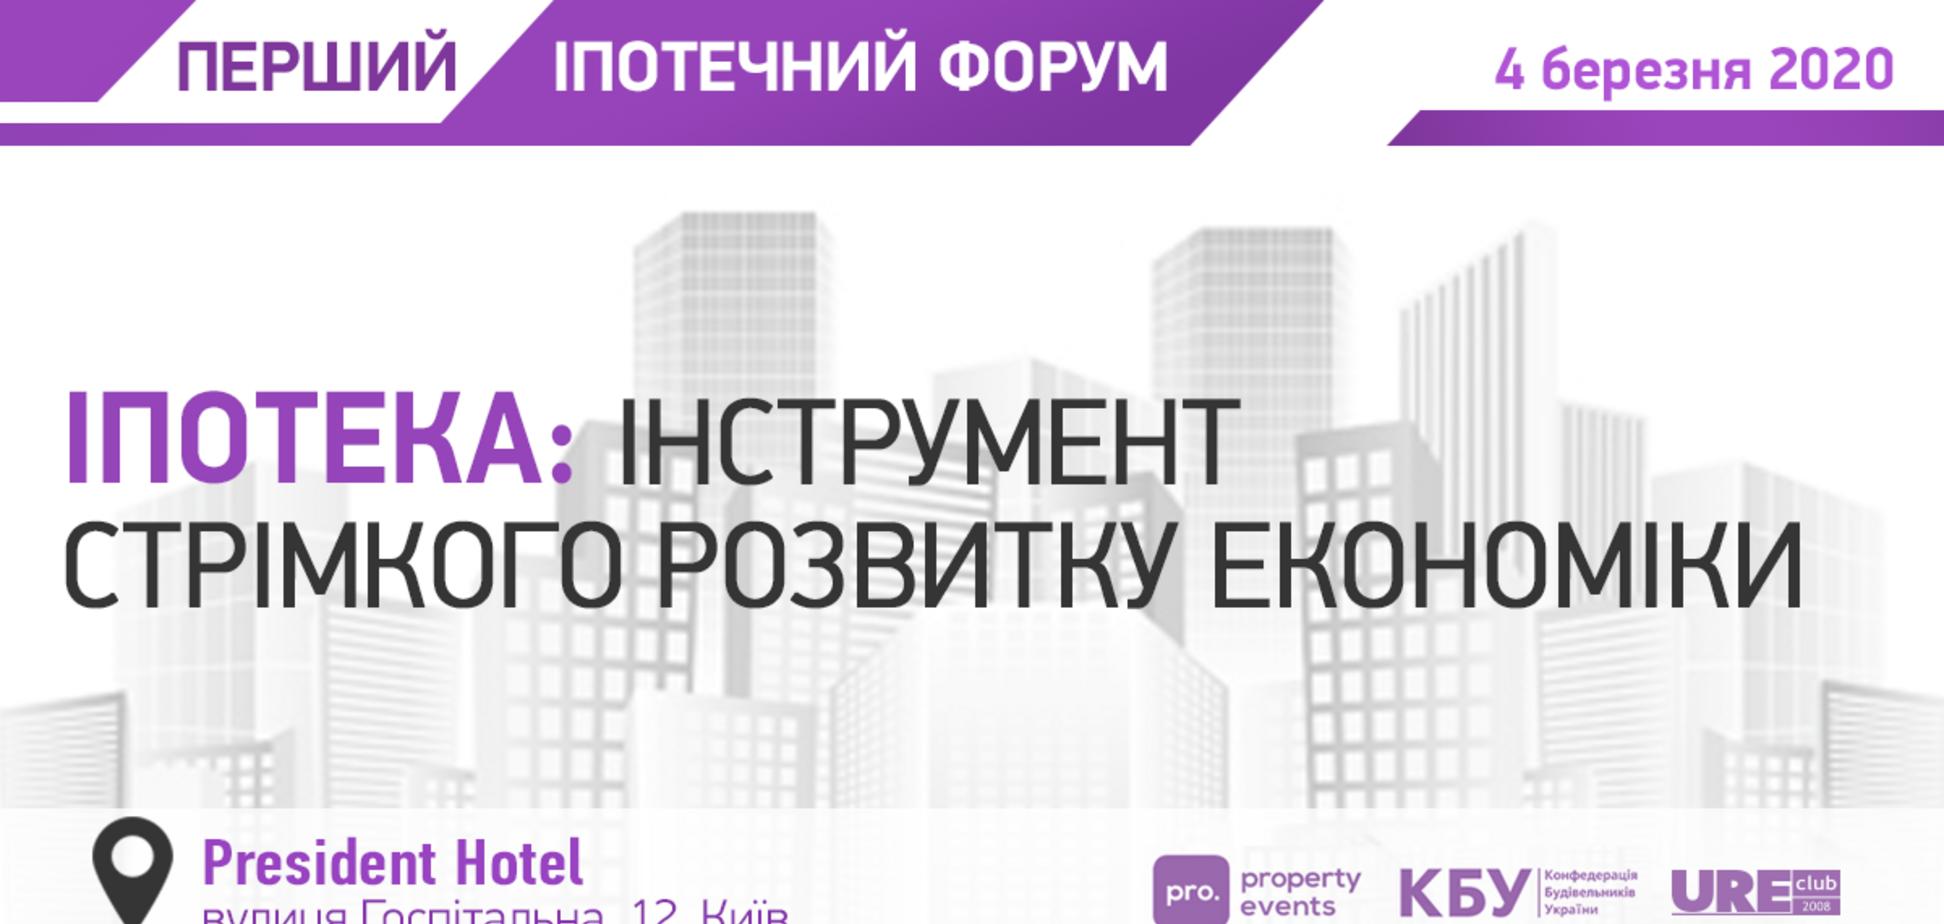 В Києві відбудеться форум 'Іпотека – інструмент стрімкого розвитку економіки'